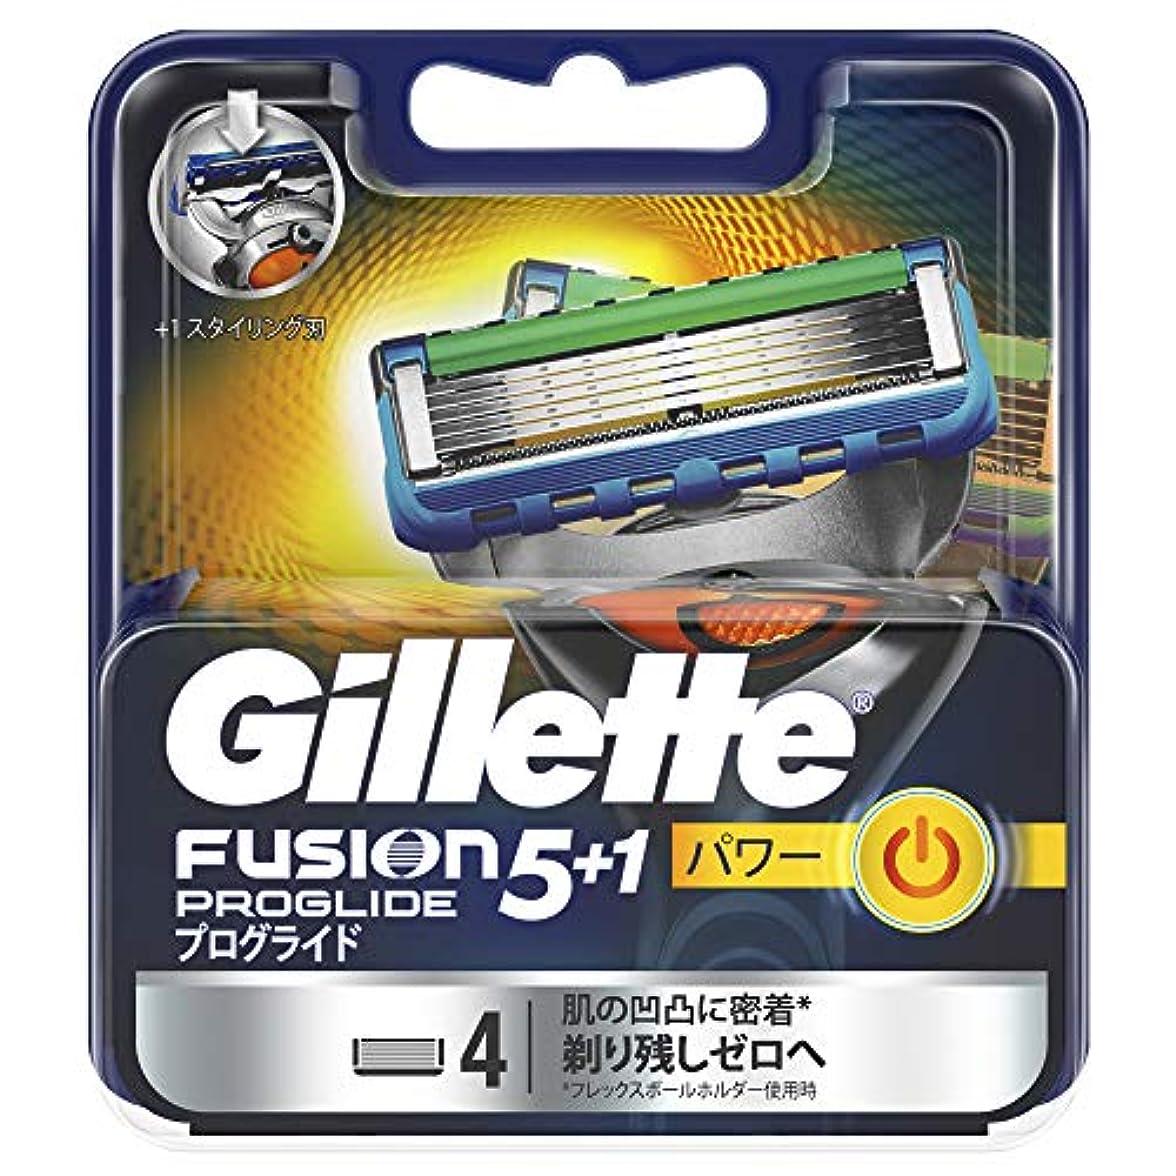 限られた所属電池ジレット プログライド フレックスボール パワー 髭剃り 替刃 4コ入